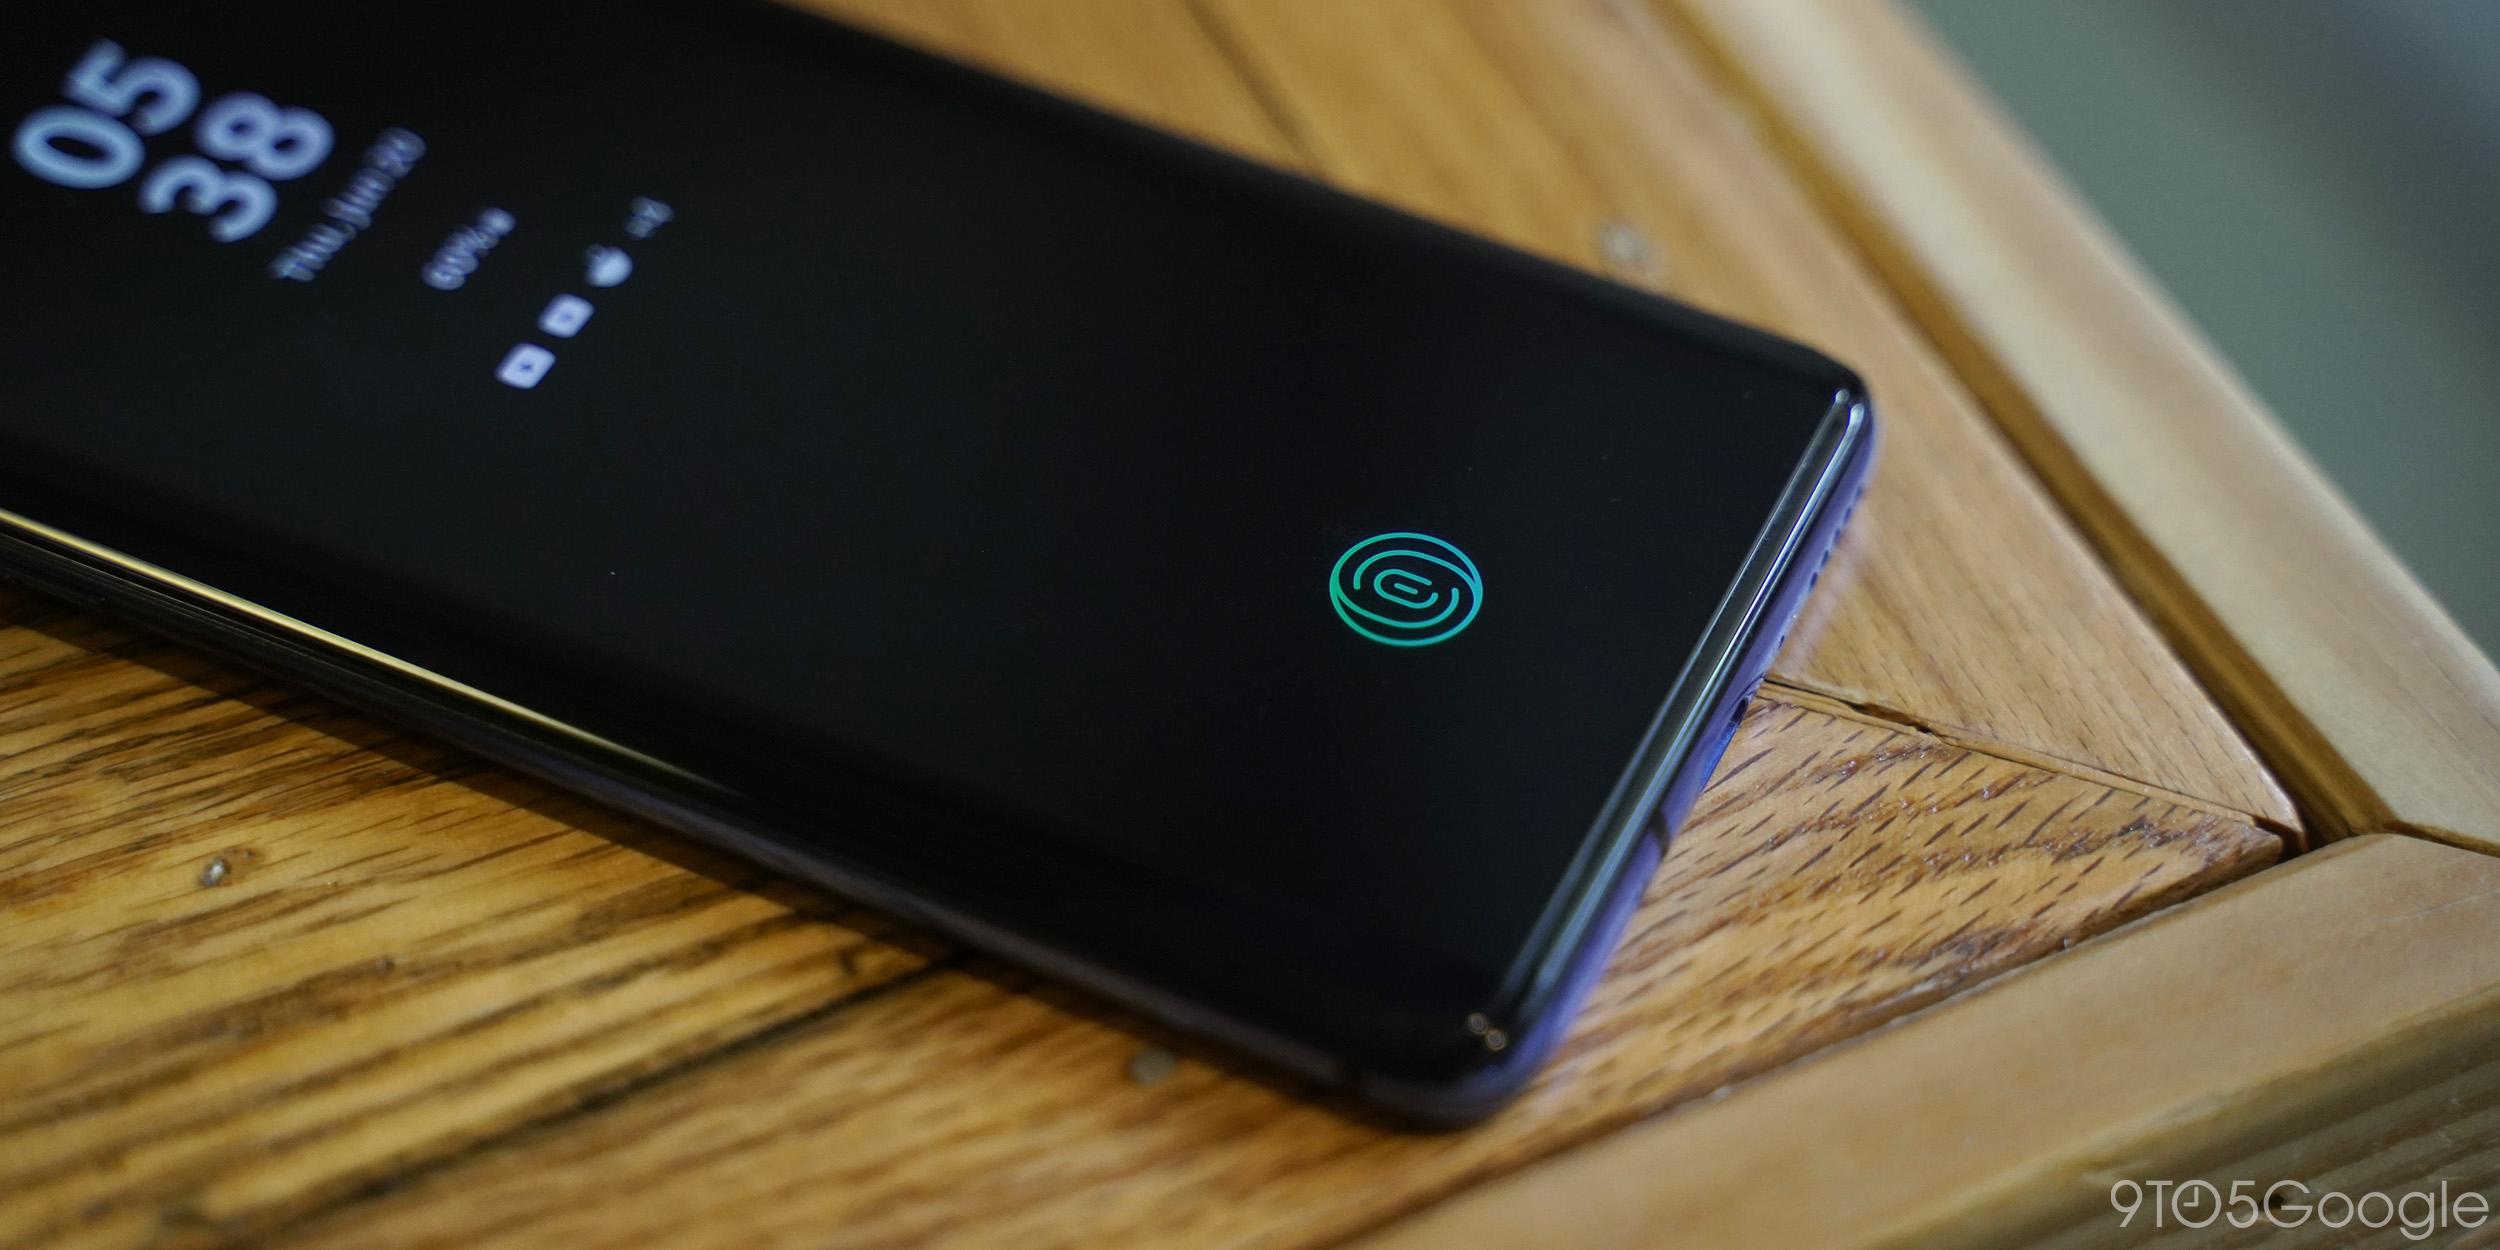 oneplus 7 pro fingerprint sensor